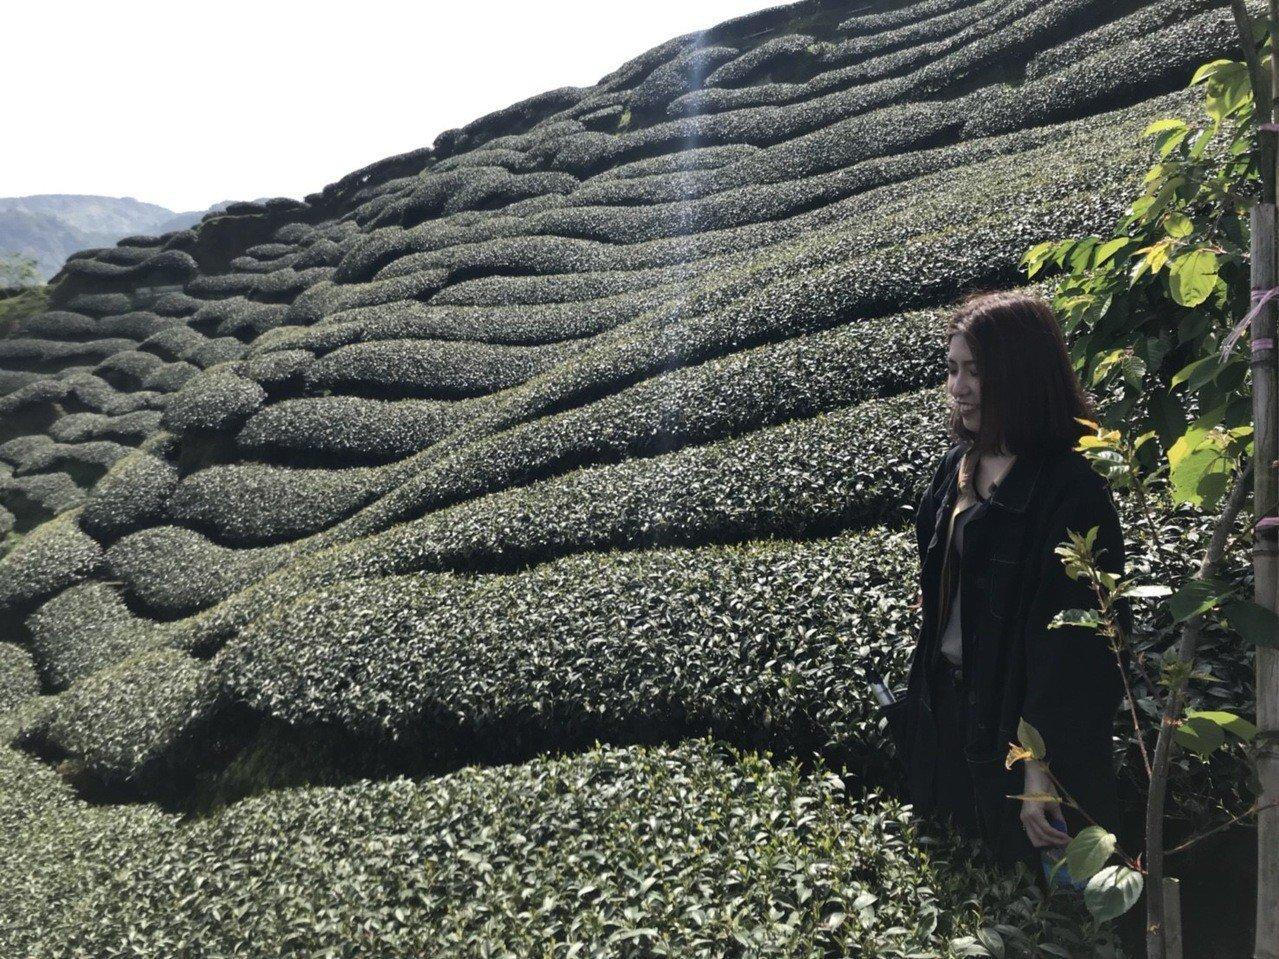 南投縣竹山鎮八卦茶園地形崎嶇如斗笠,一圈圈環繞的茶園景觀,令人嘆為觀止成知名的打...